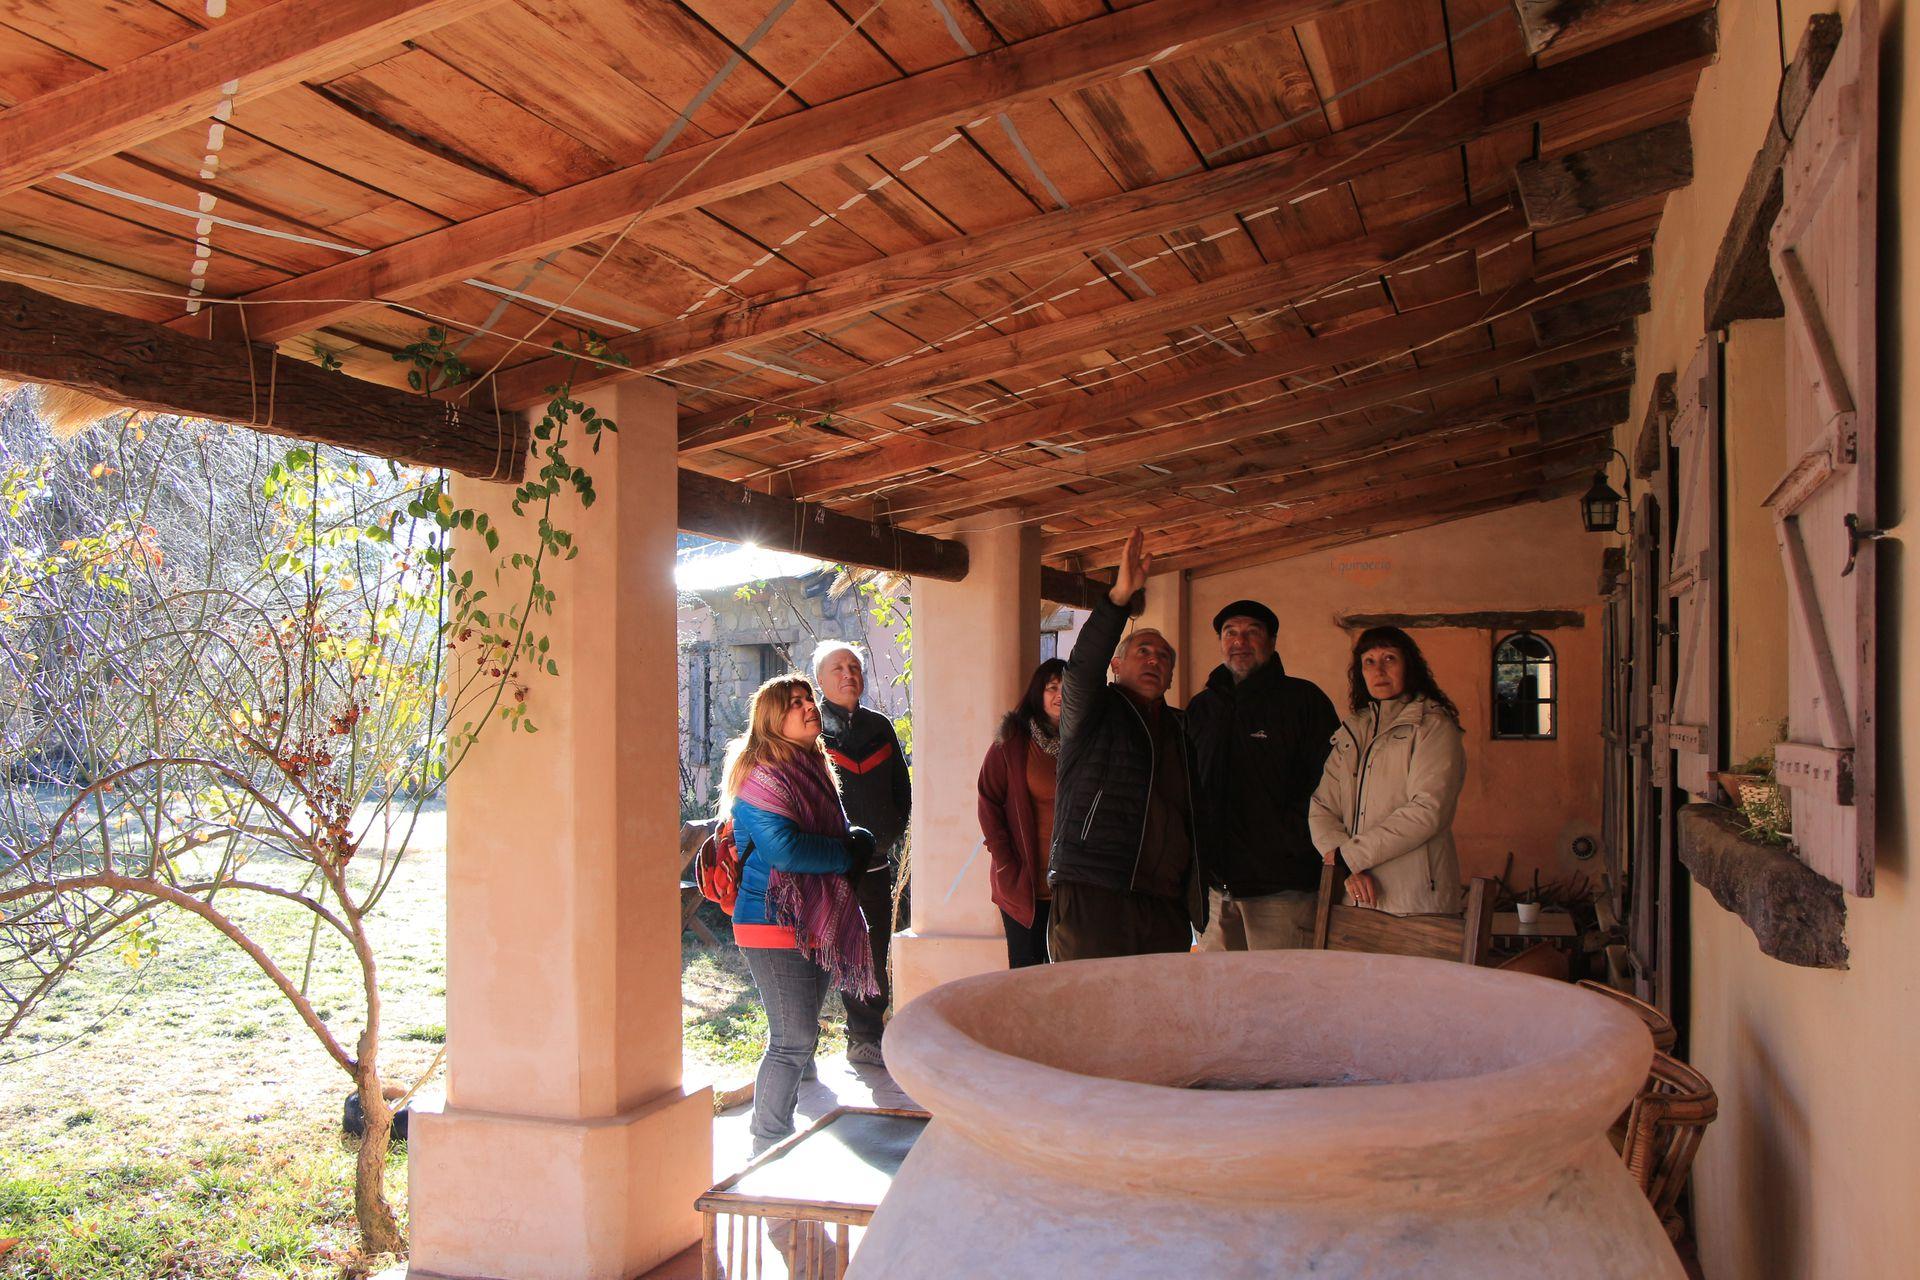 Juan les muestra a los huéspedes el reloj solar que él diseño sobre la galería.